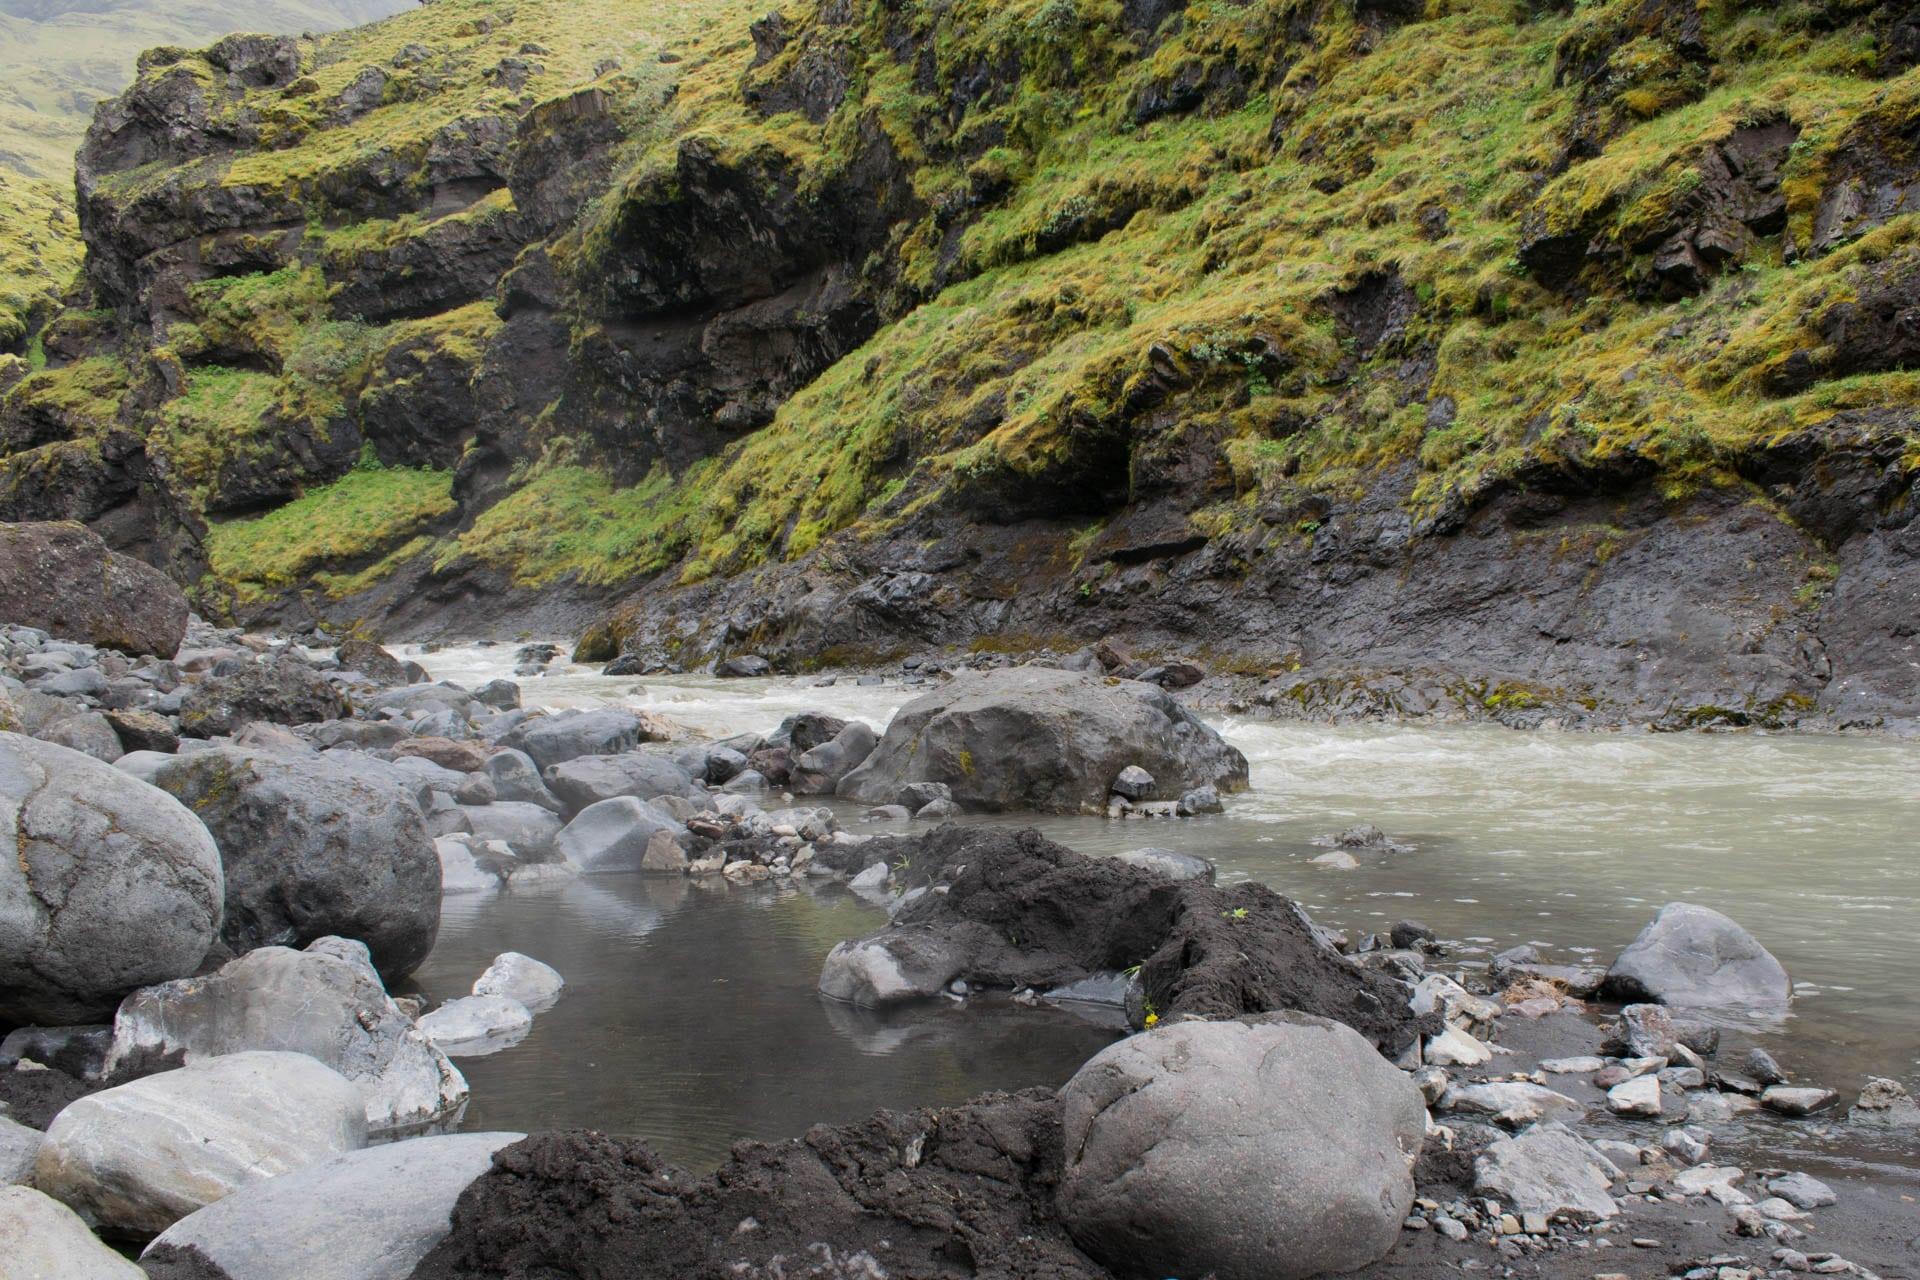 Gorące źródła przy potoku. Kilka minut za islandzkim basenem Seljavallalaug